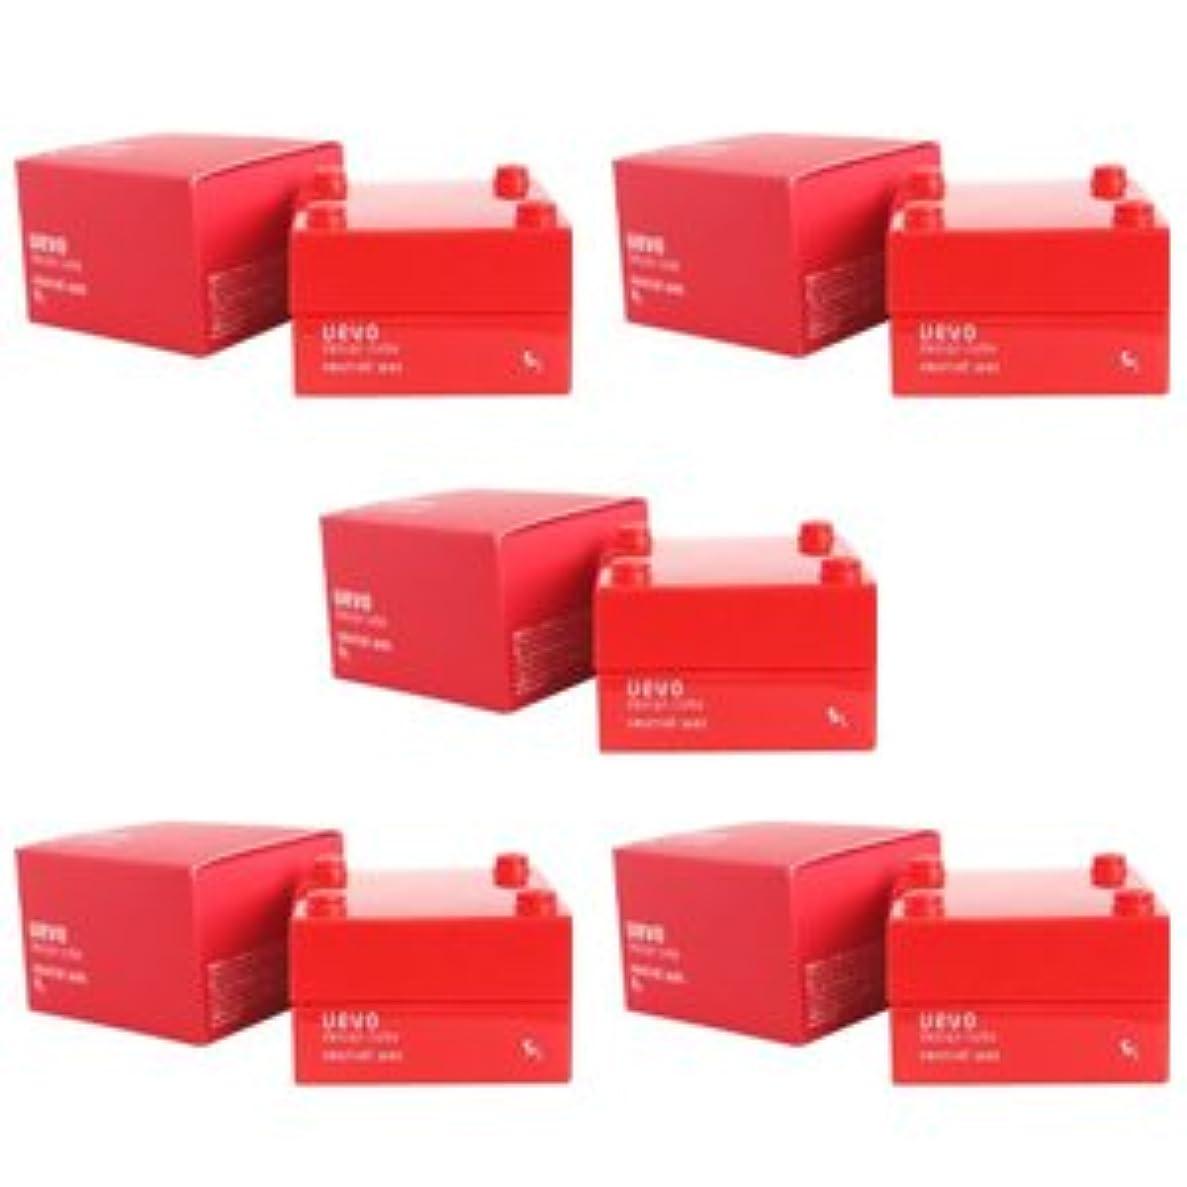 謝罪するブラウズ信号【X5個セット】 デミ ウェーボ デザインキューブ ニュートラルワックス 30g neutral wax DEMI uevo design cube